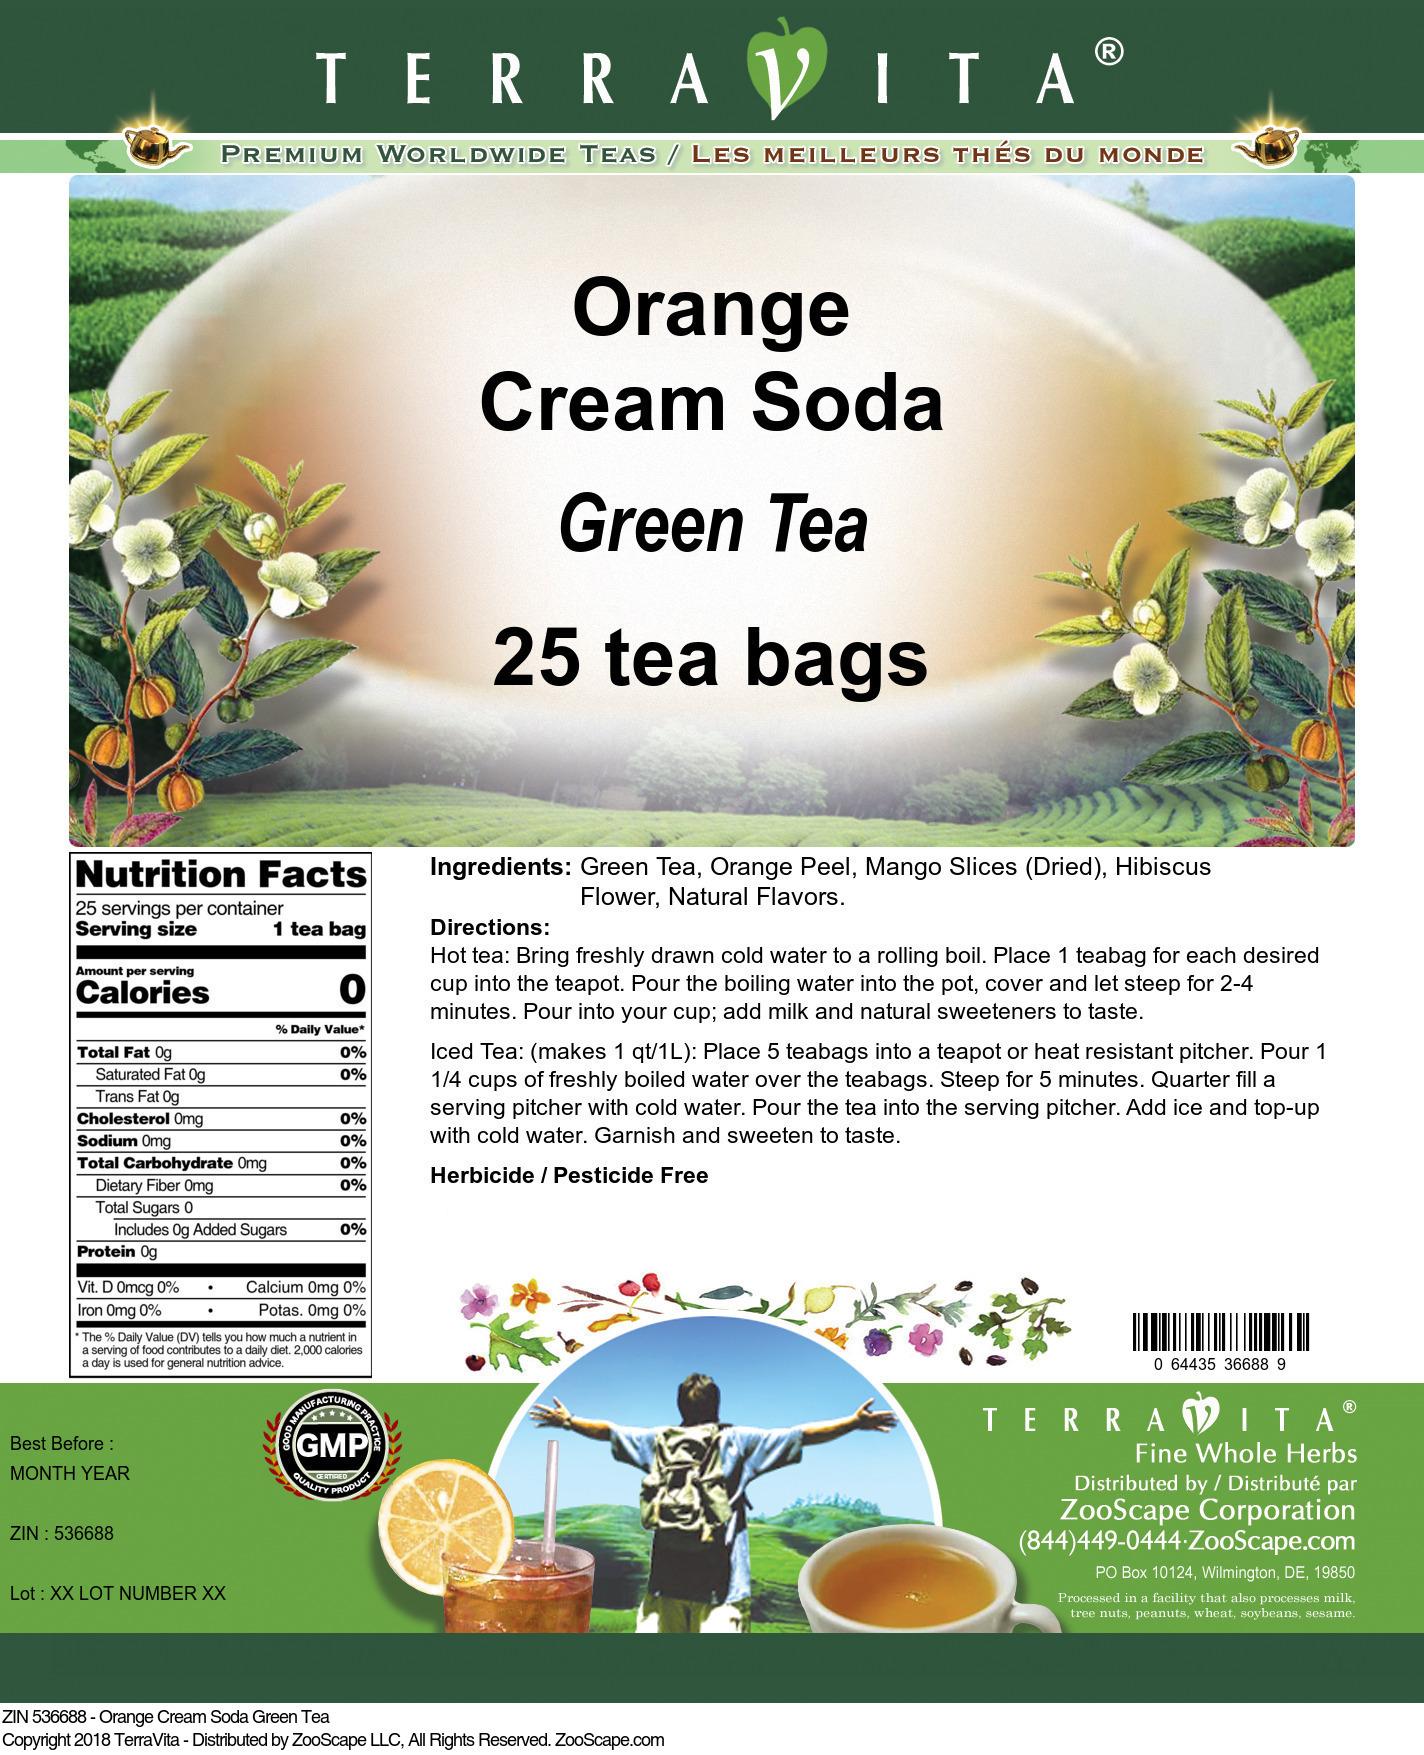 Orange Cream Soda Green Tea